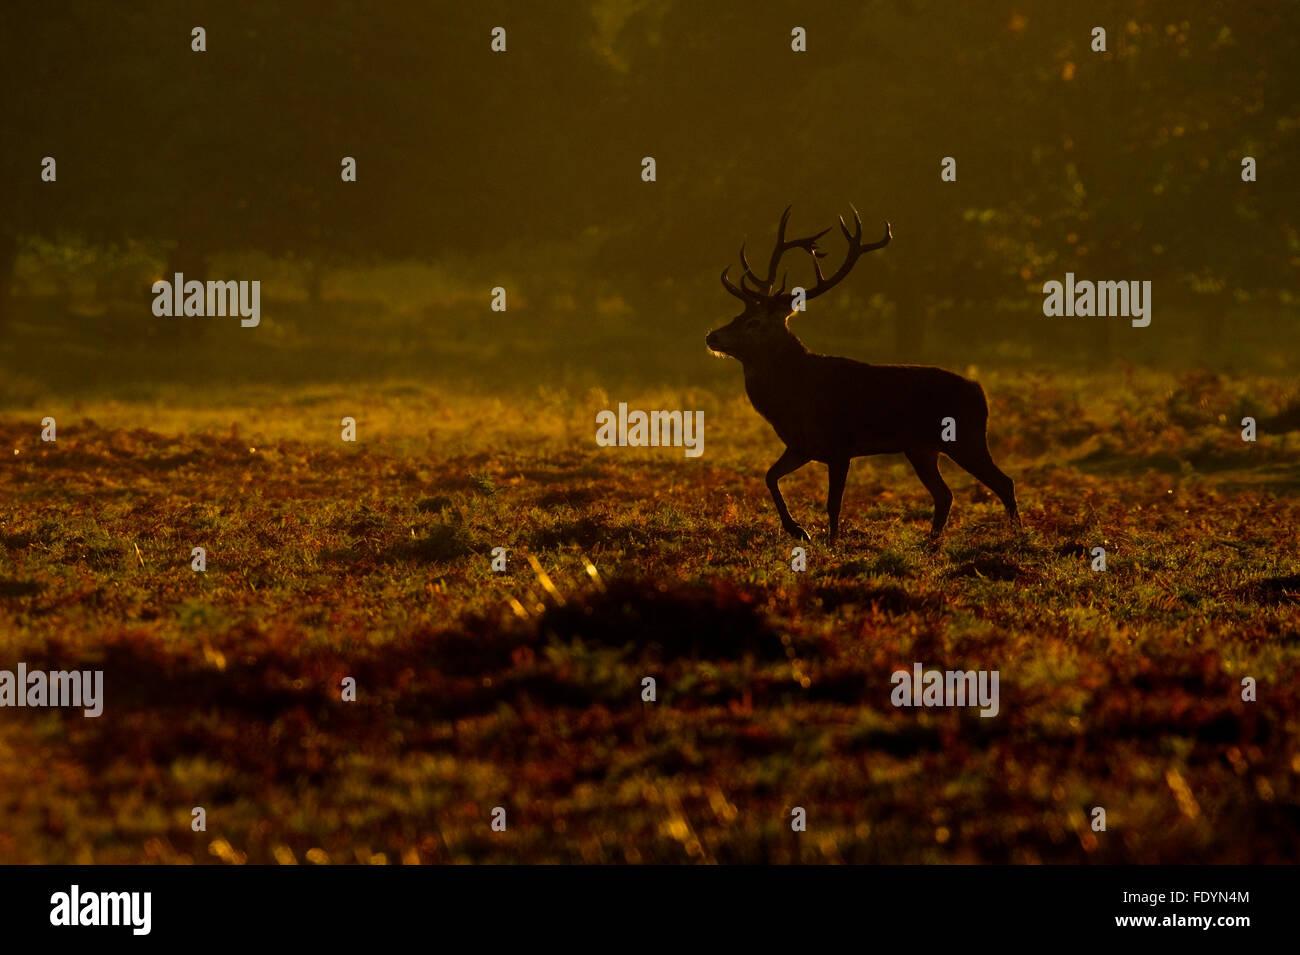 Red Deer (Cervus elaphus) stag in morning light - Stock Image